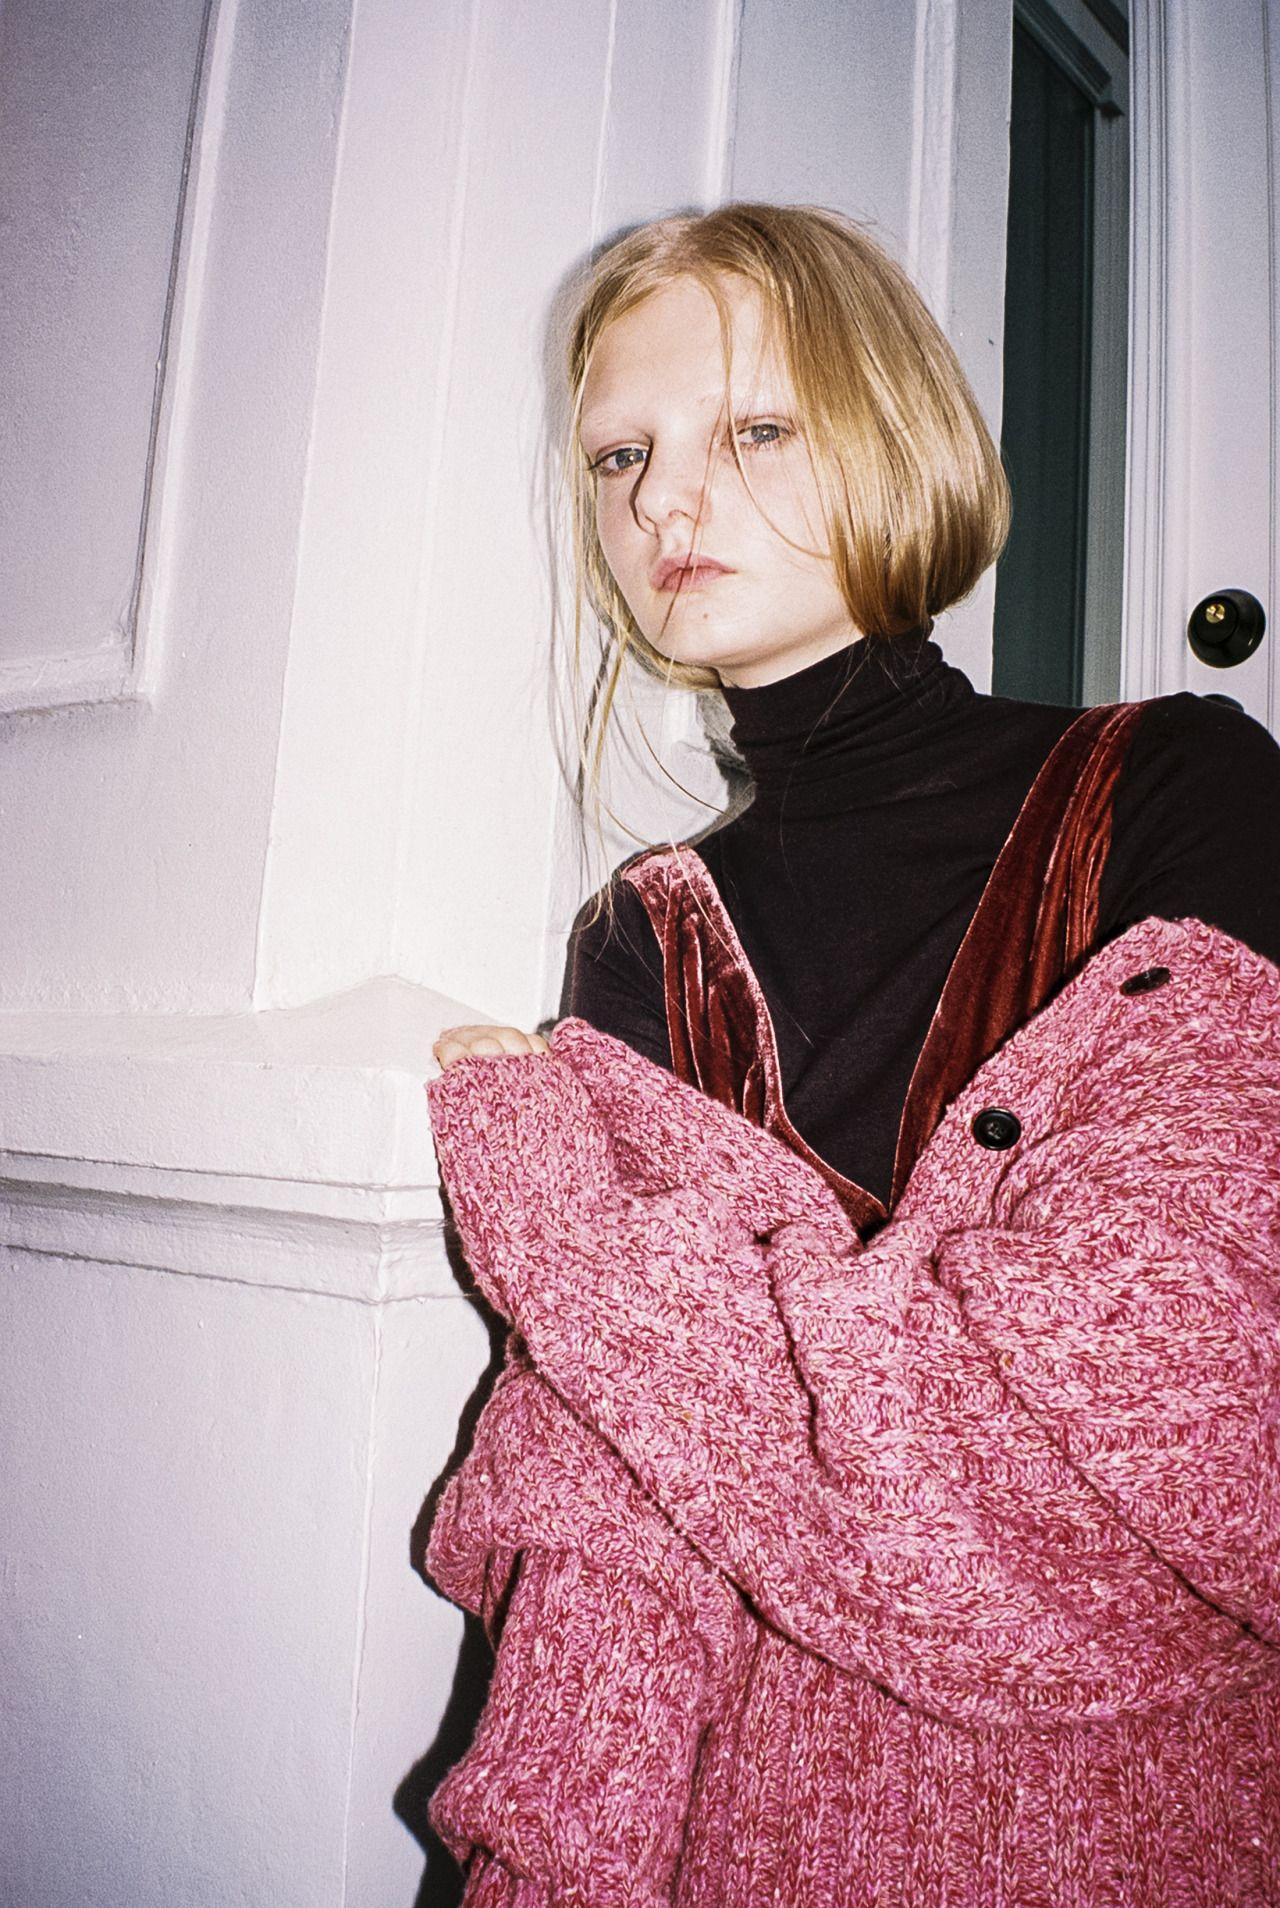 Pin by Joanne Henriquez. on S T Y L E. Fashion, Singer